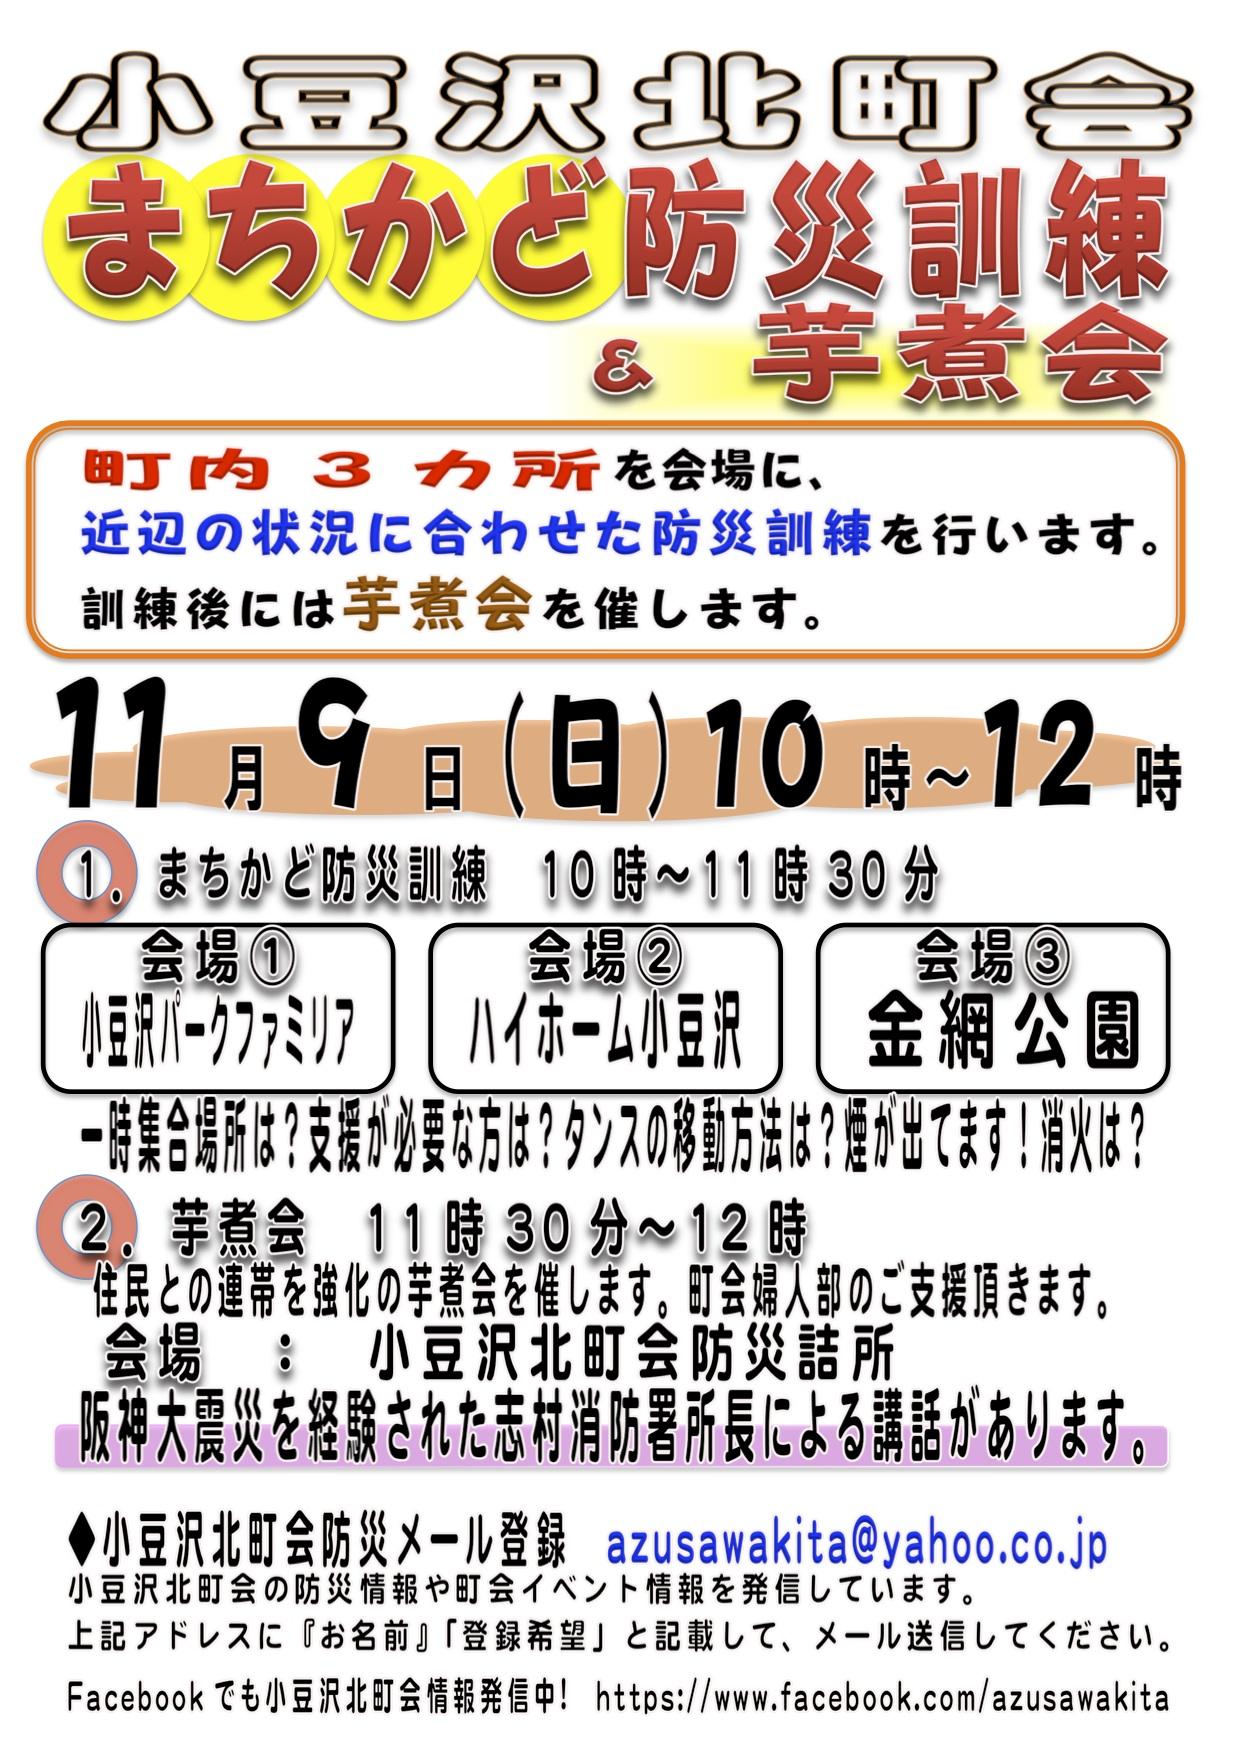 2014年11月9日まちかど防災訓練